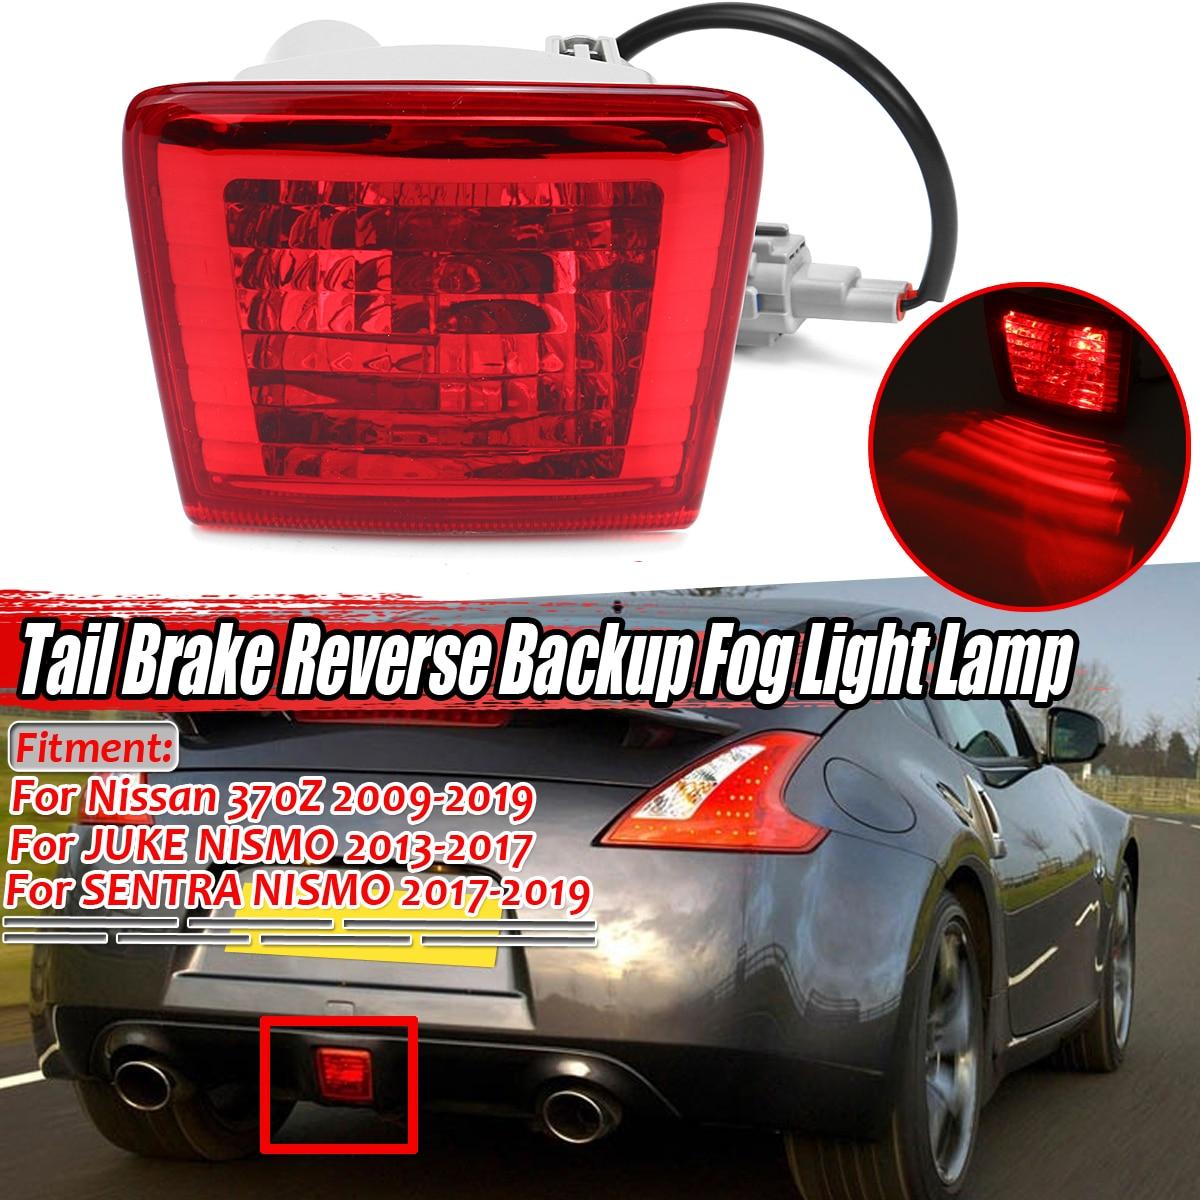 Czerwony 370Z samochód tylny hamulec lampa przeciwmgielna rewers Backup dla Nissan 370Z dla JUKE dla NISMO dla SENTRA dla NISMO 2009-2019